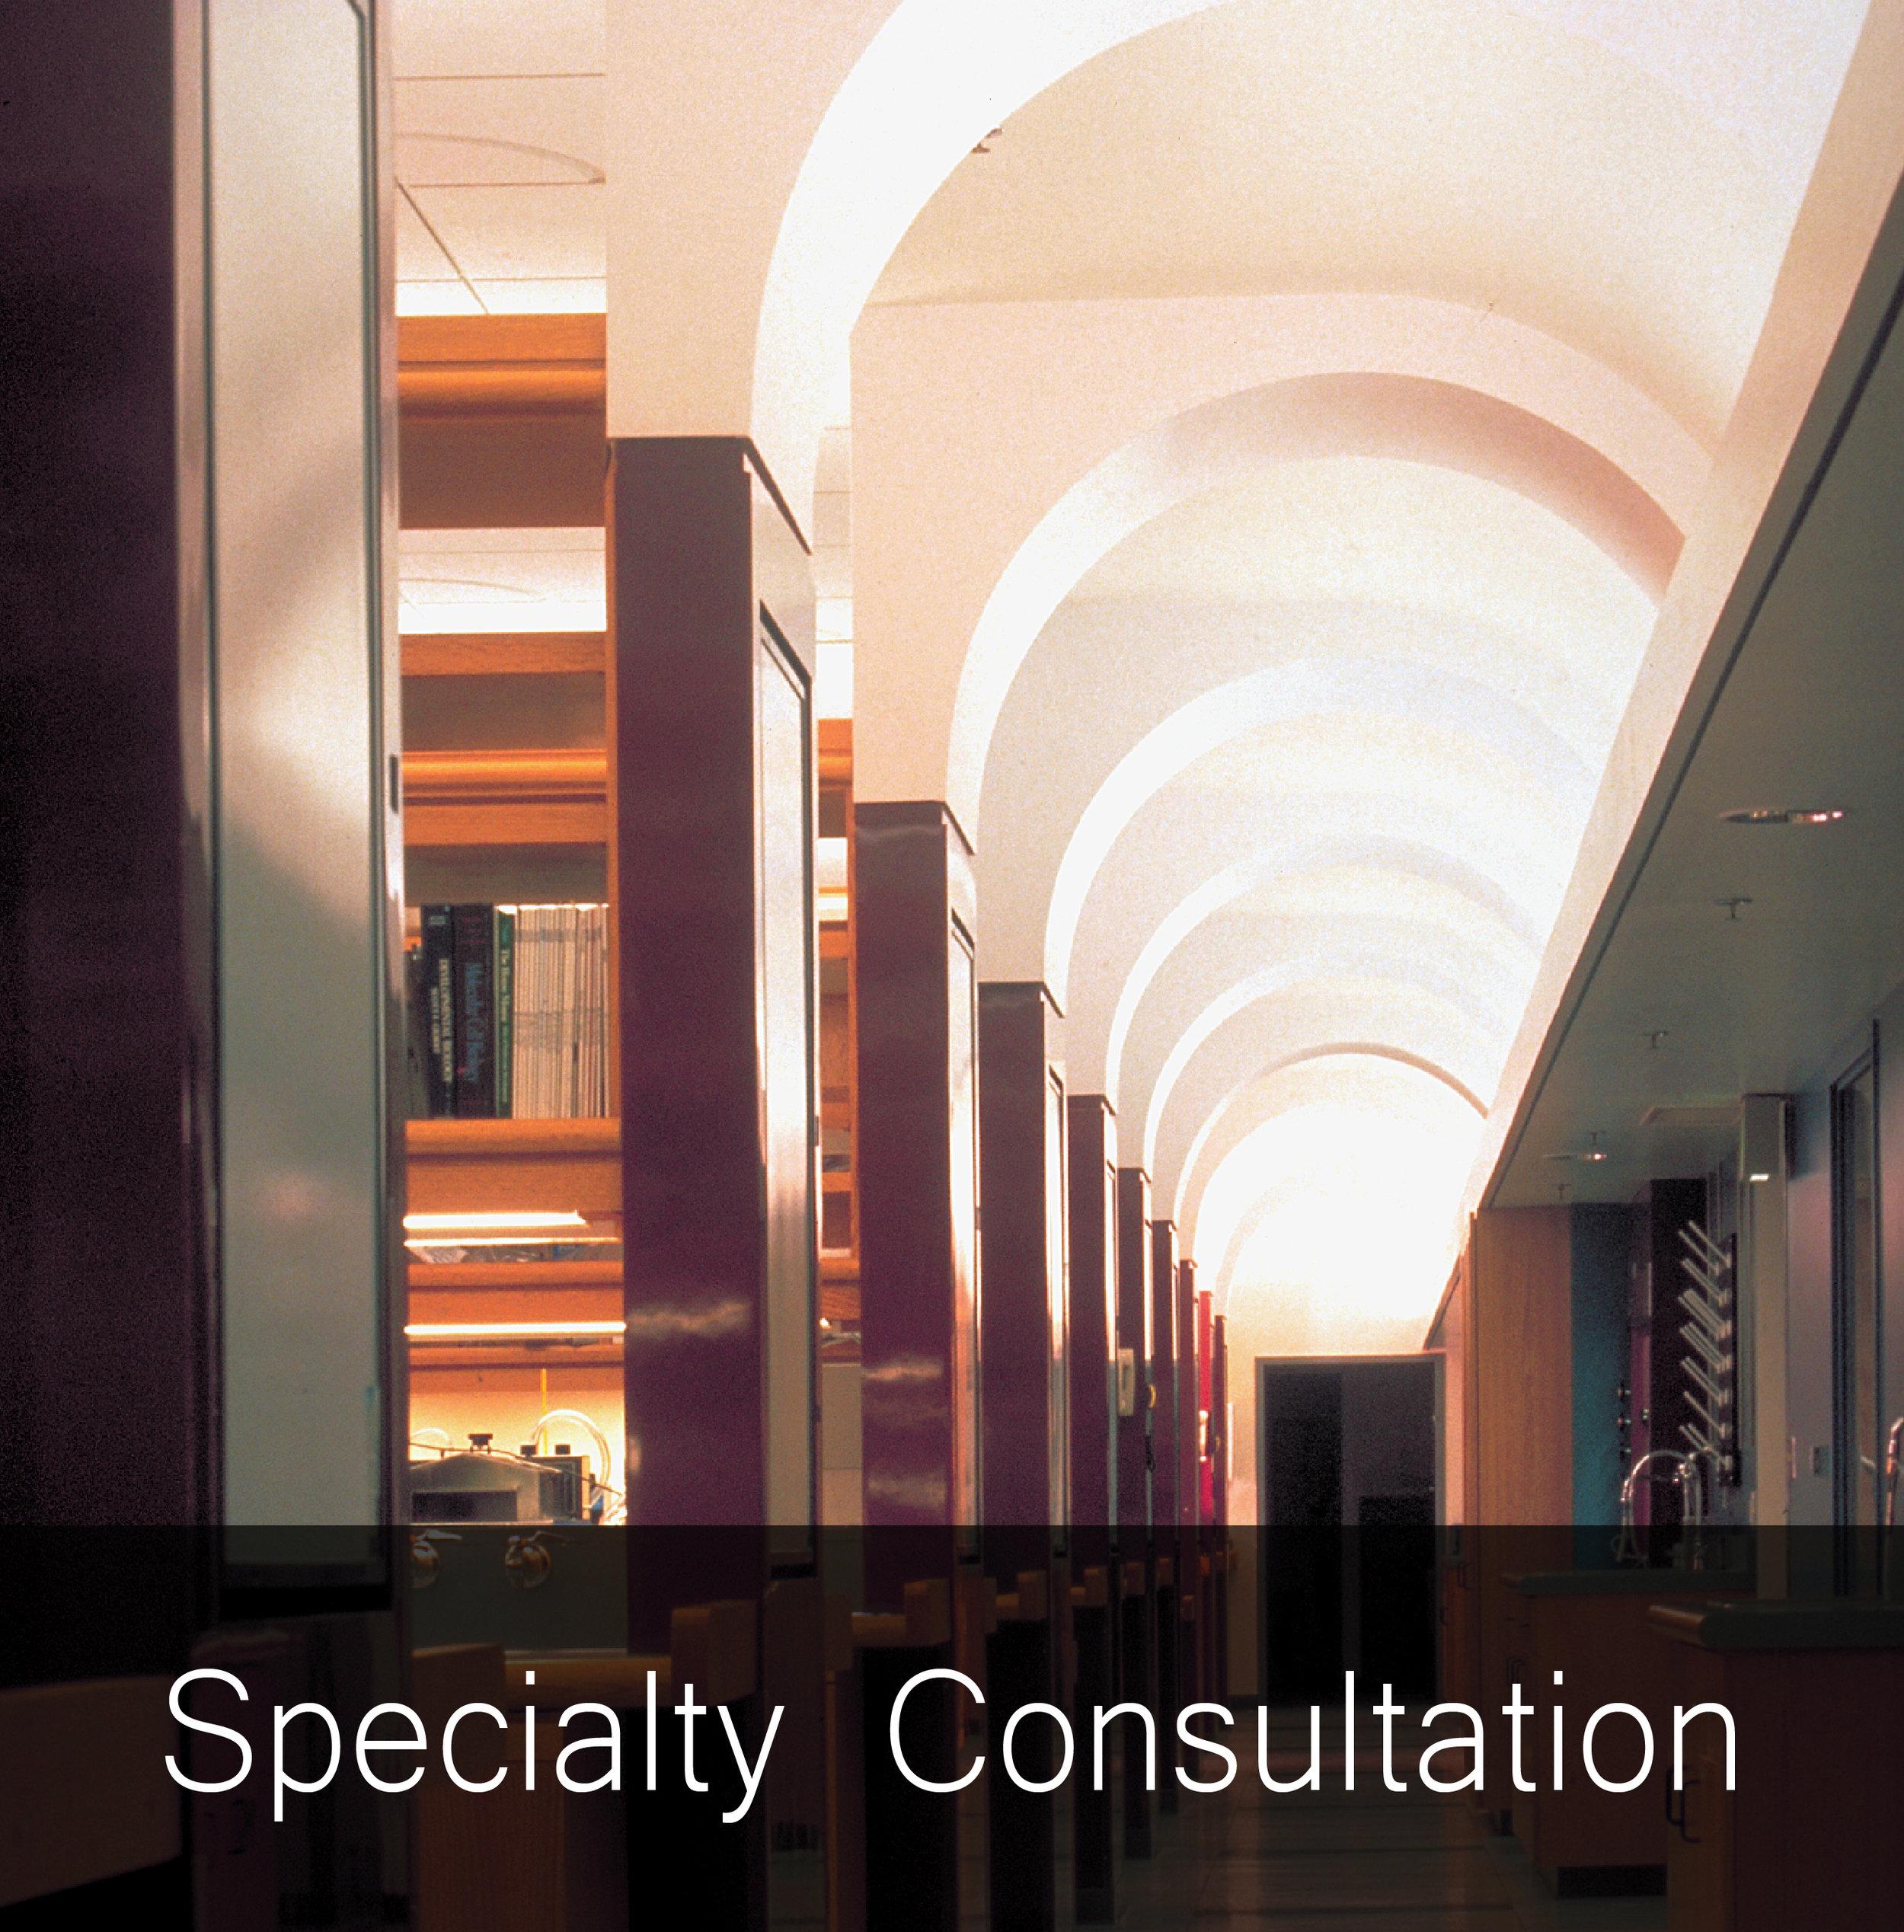 Specialty Consultation-05.jpg